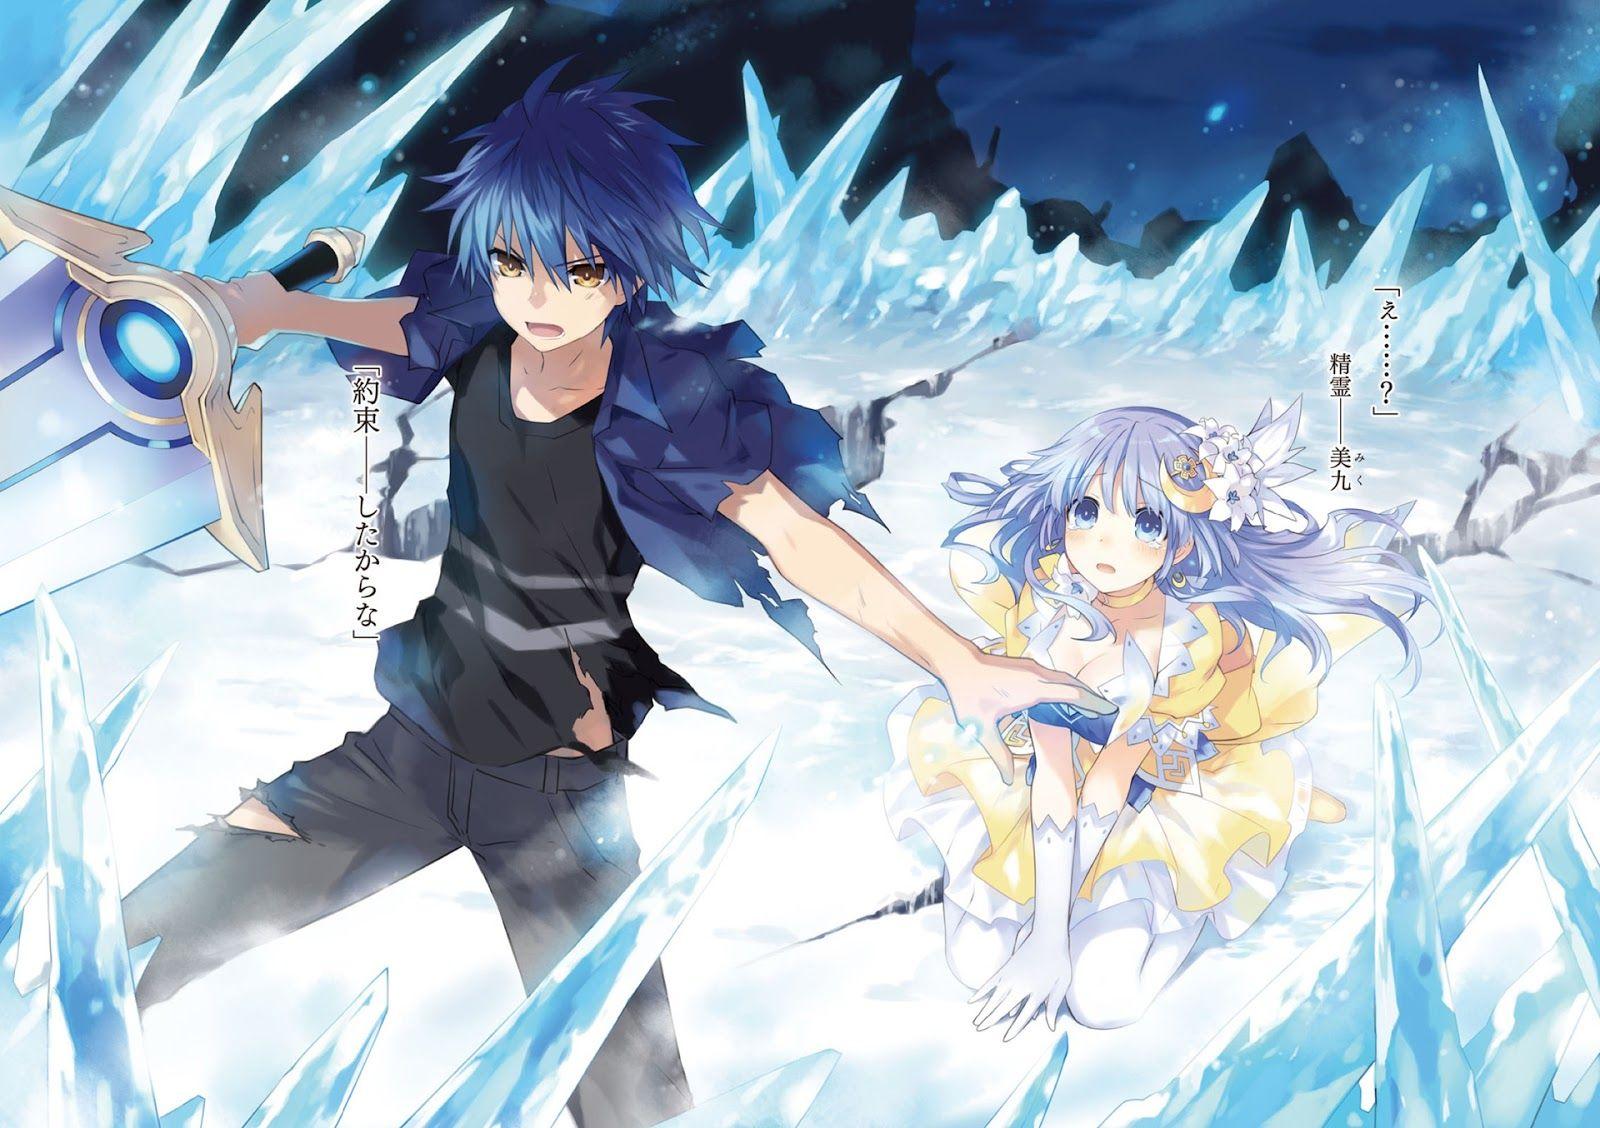 Shido Miku Date A Live 0871 Hd Wallpaper Anime Imagem De Anime Casais De Anime